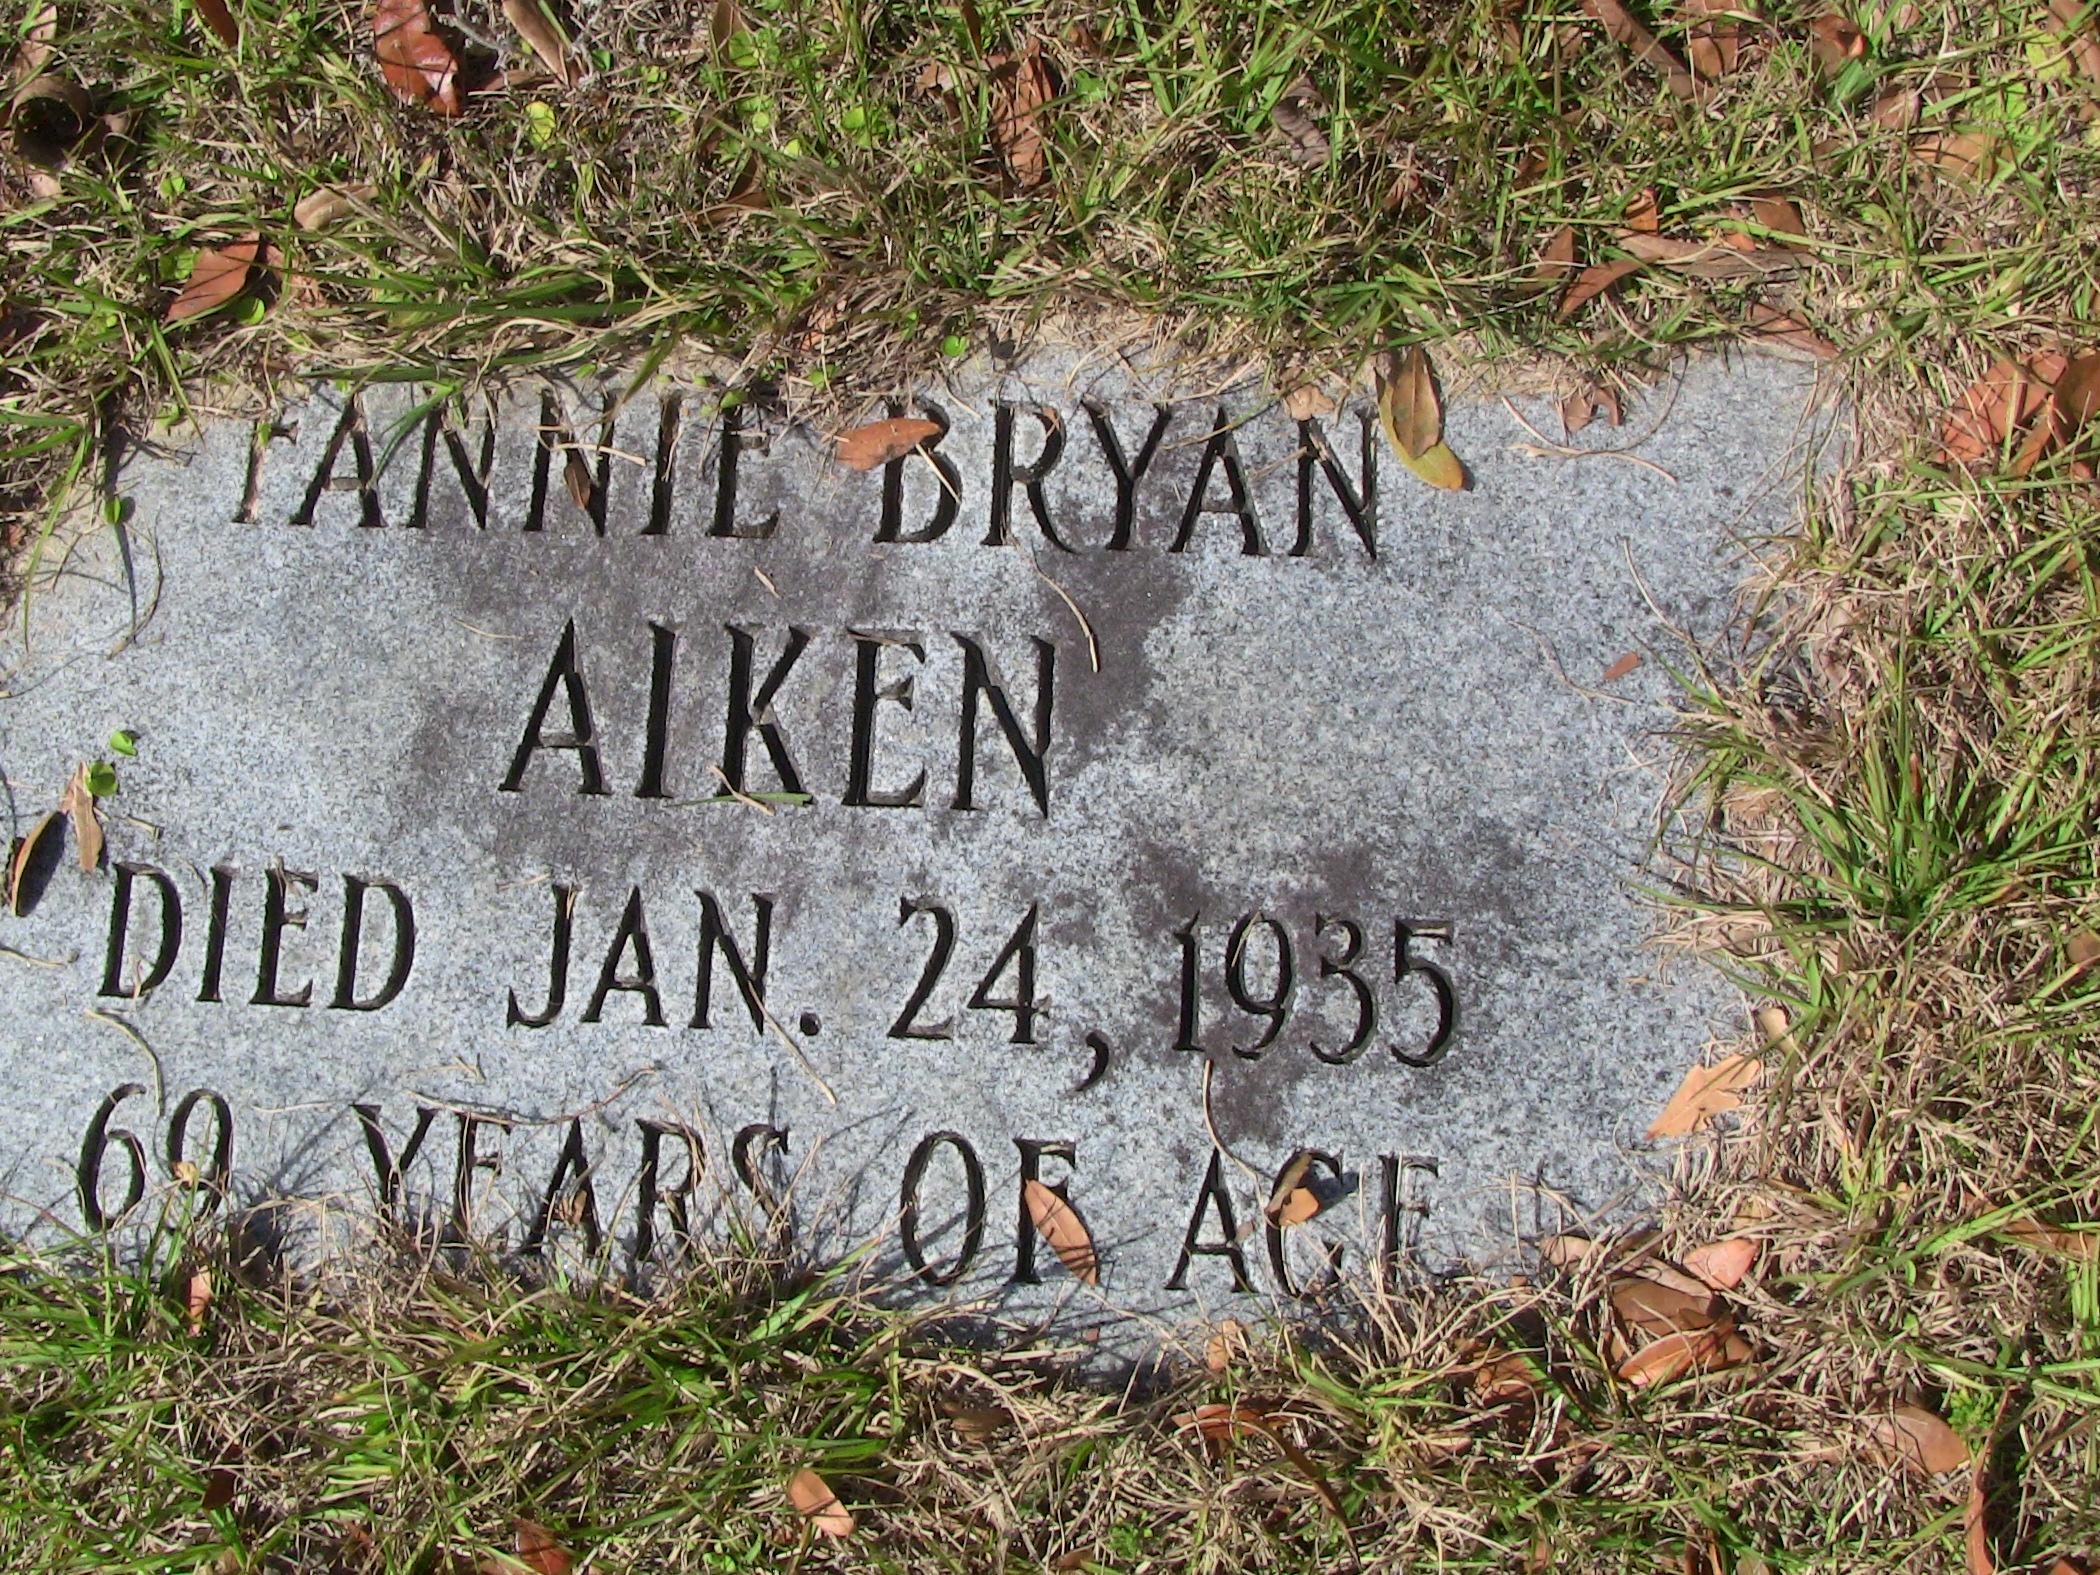 Fannie Bryan Aiken